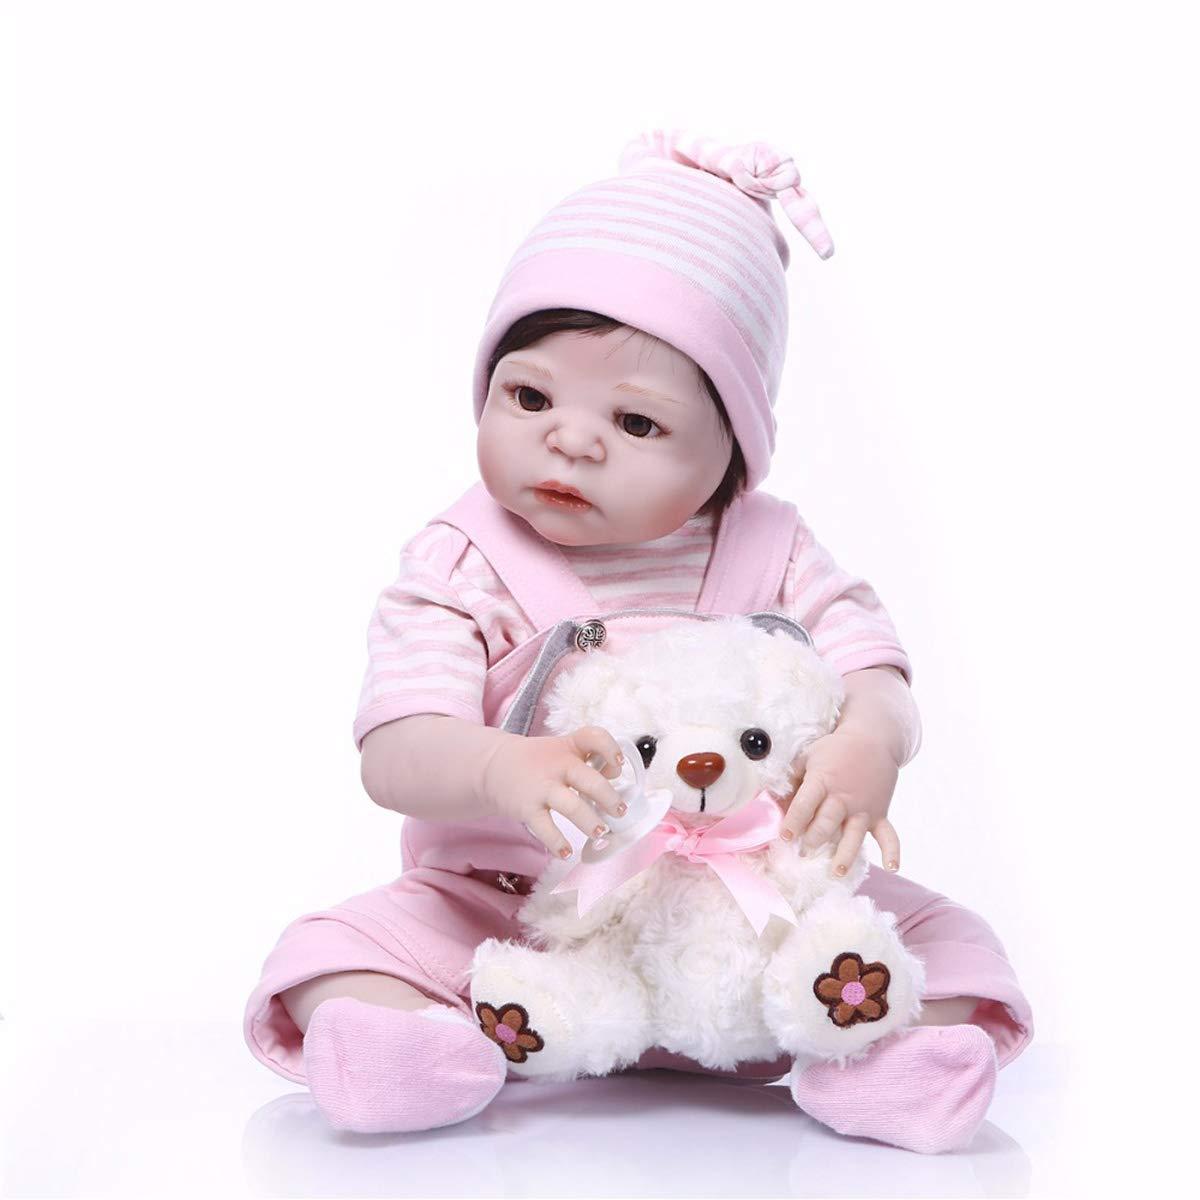 Amazon.com: TERABITHIA Muñecas realistas para bebés, regalo ...